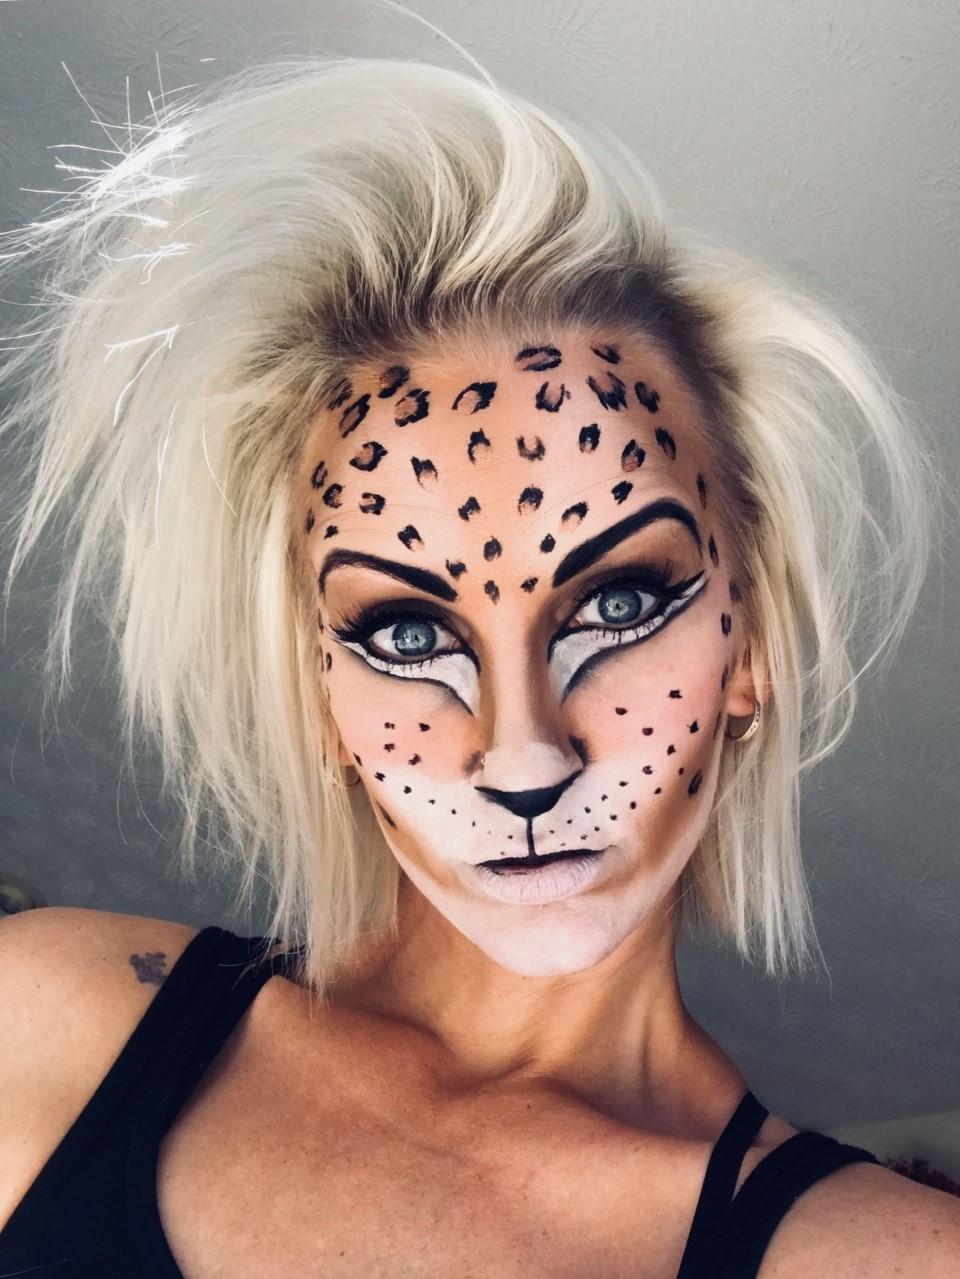 Ceci vous pouvez créer facilement avec le maquillage que vous avez déjà!